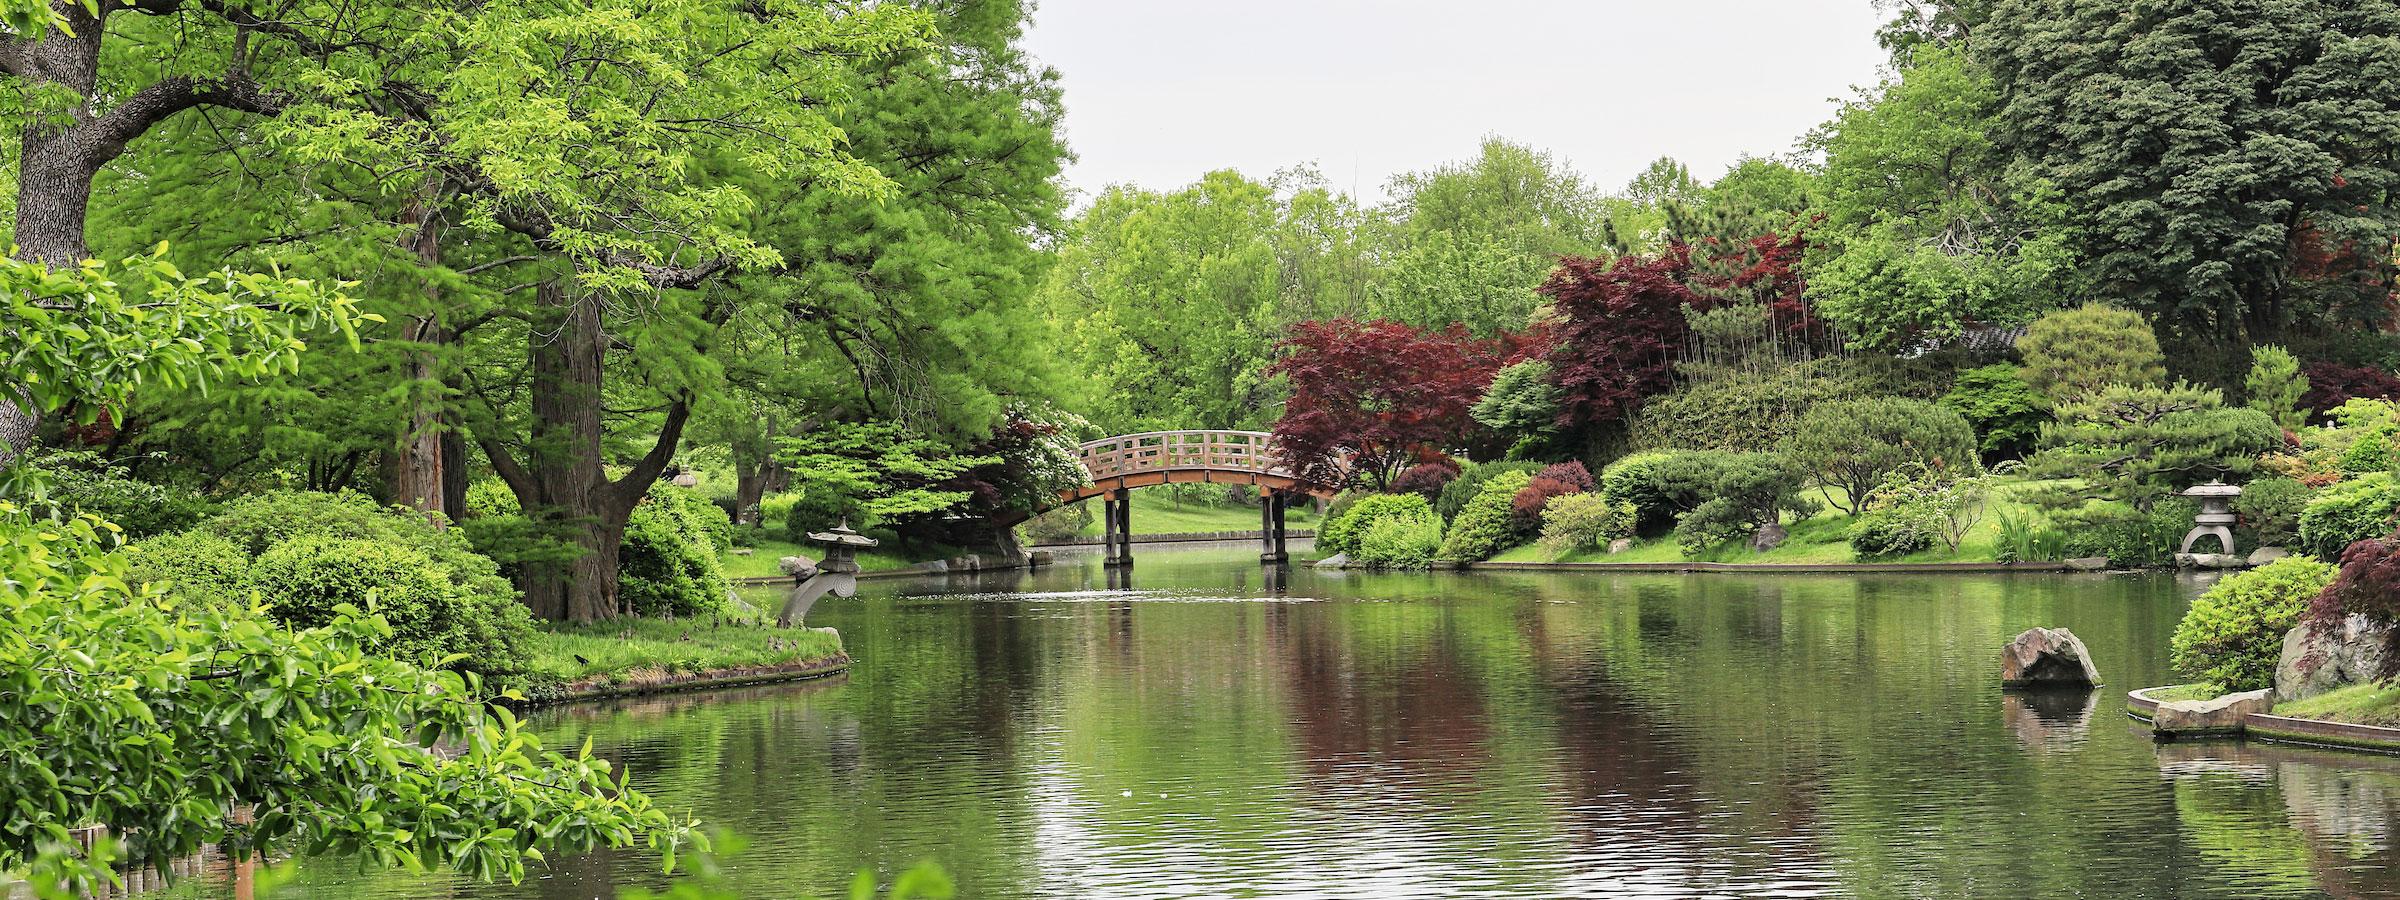 Lush Japanese Garden lagoon with drum bridge in background